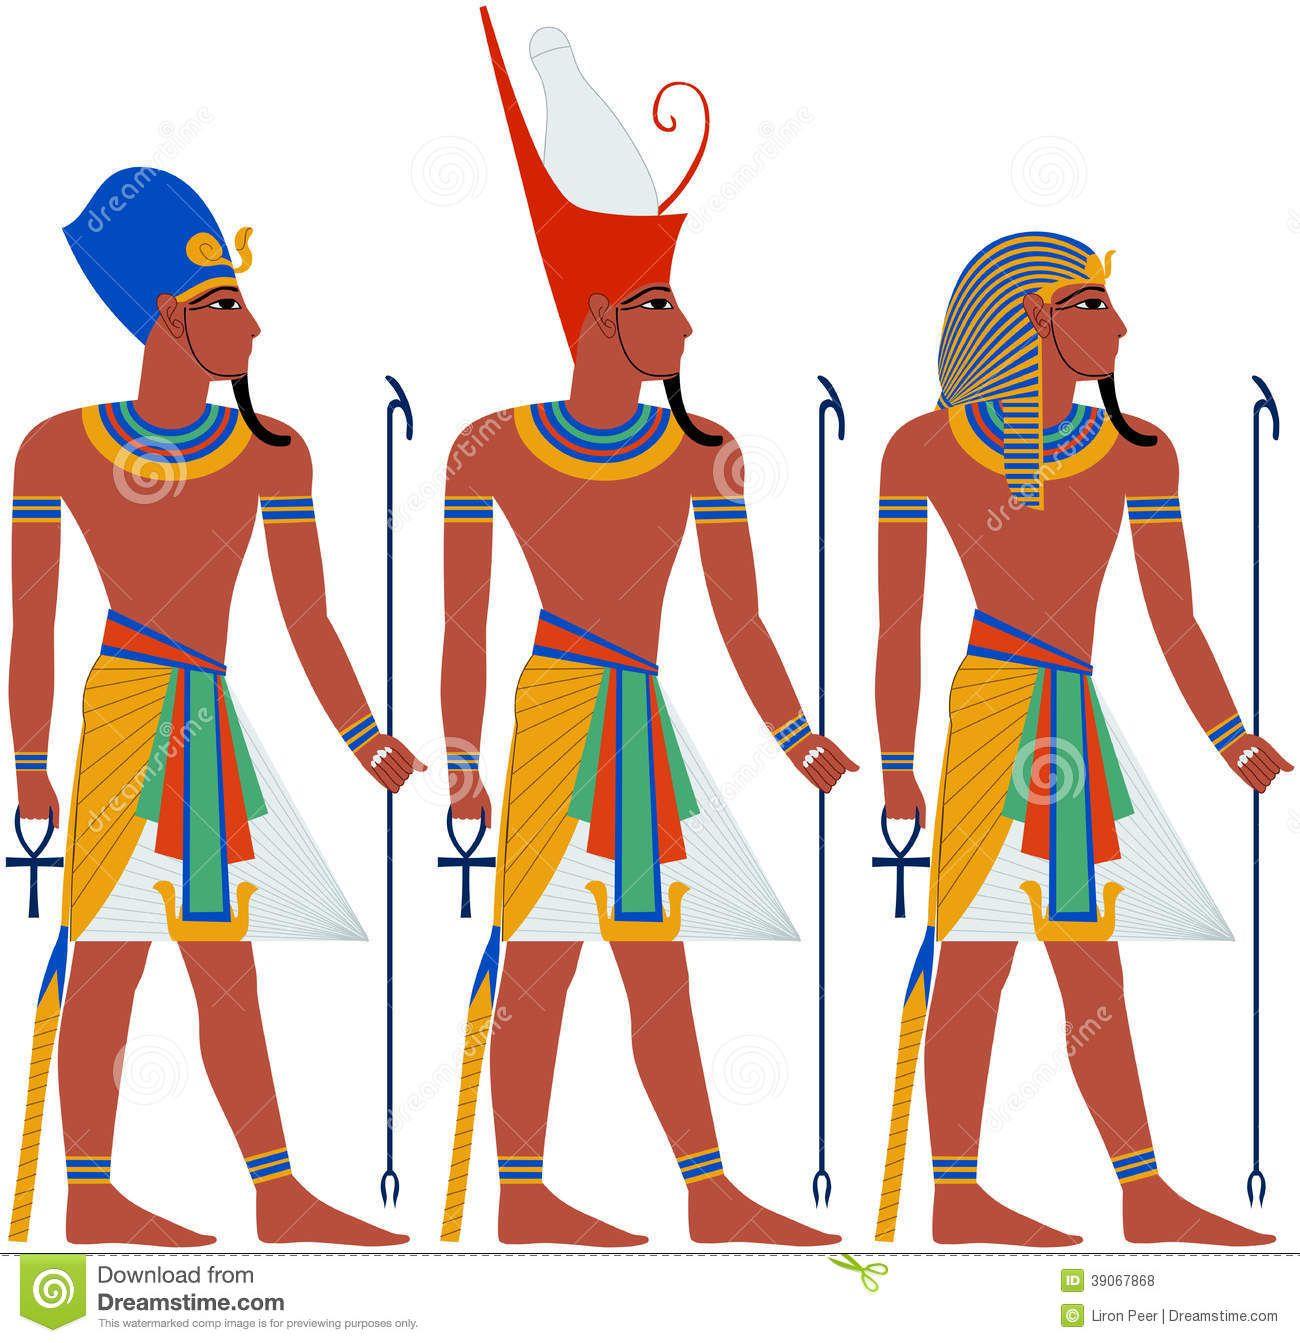 HOBBA GRATUIT STYLE TÉLÉCHARGER EGYPTIAN